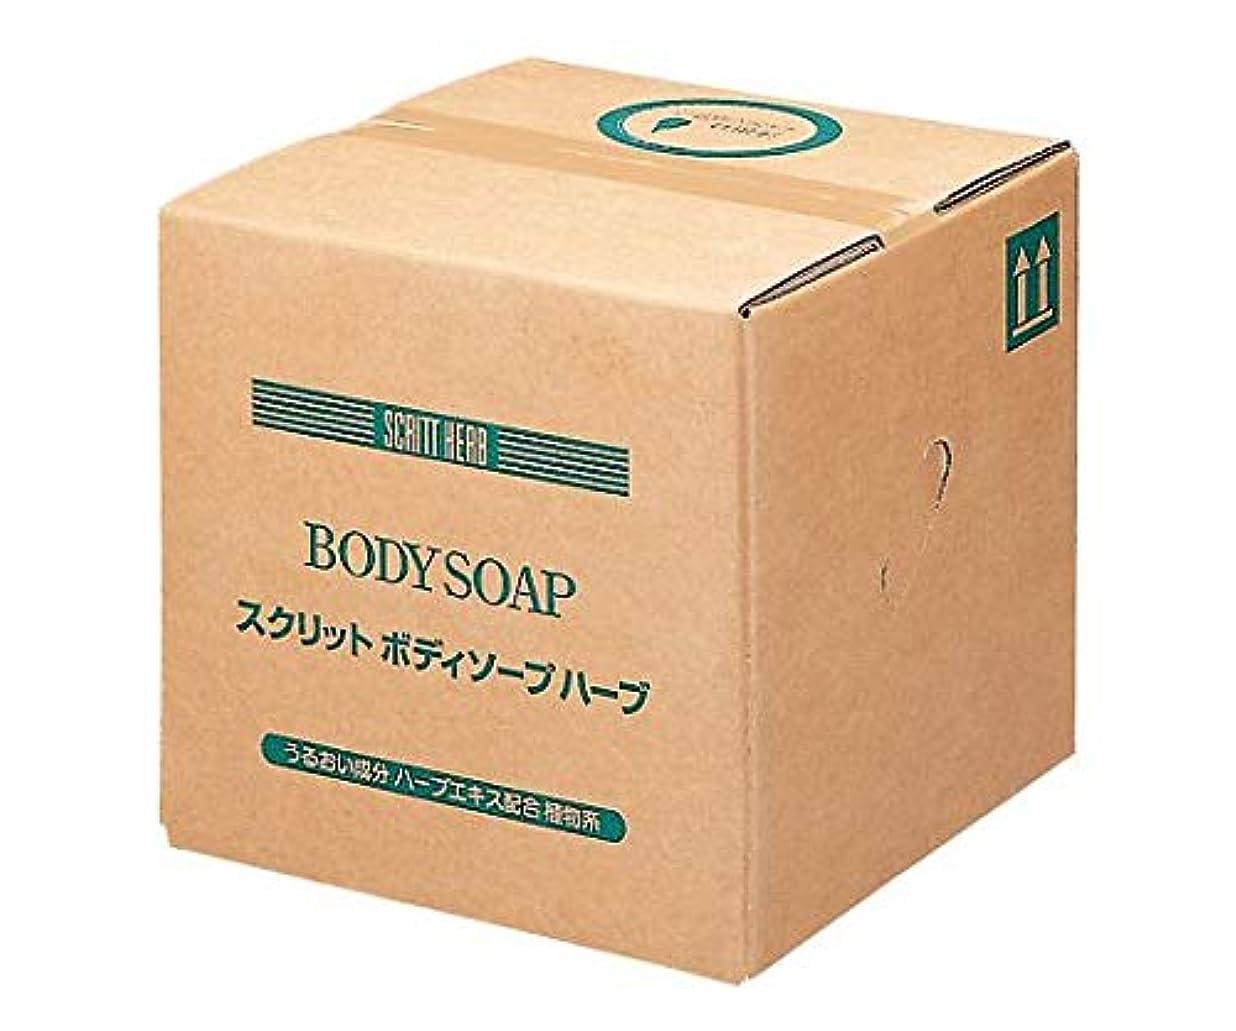 一元化する不正確大気熊野油脂 業務用 SCRITT(スクリット) ボデイソ-プ 18L